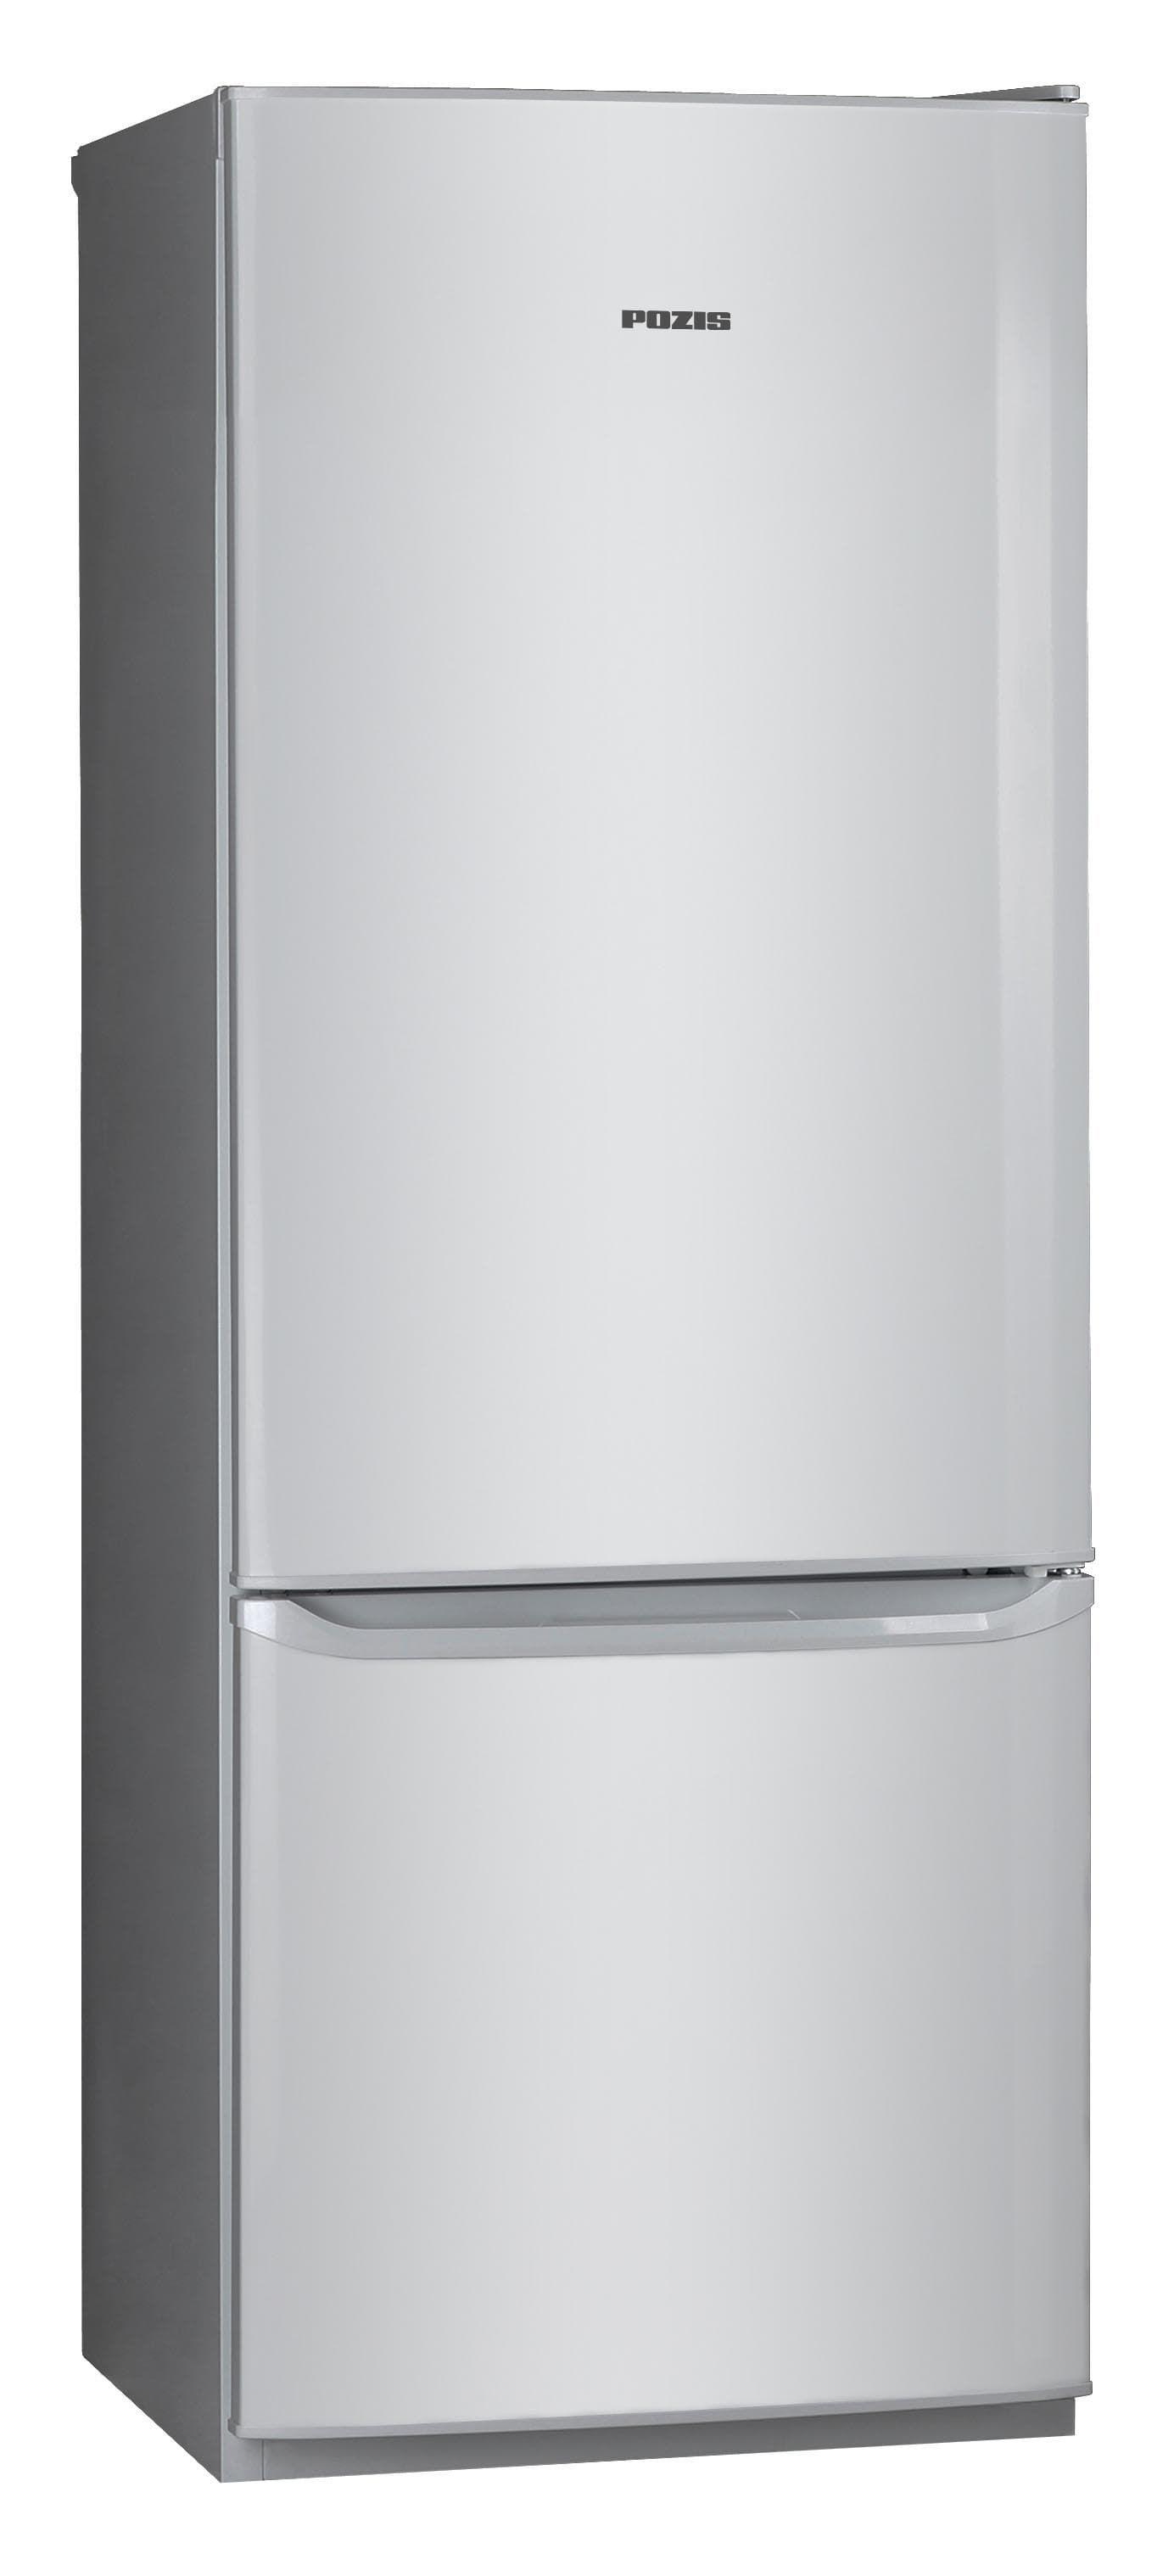 Шкаф холодильный RK-102 серебристый